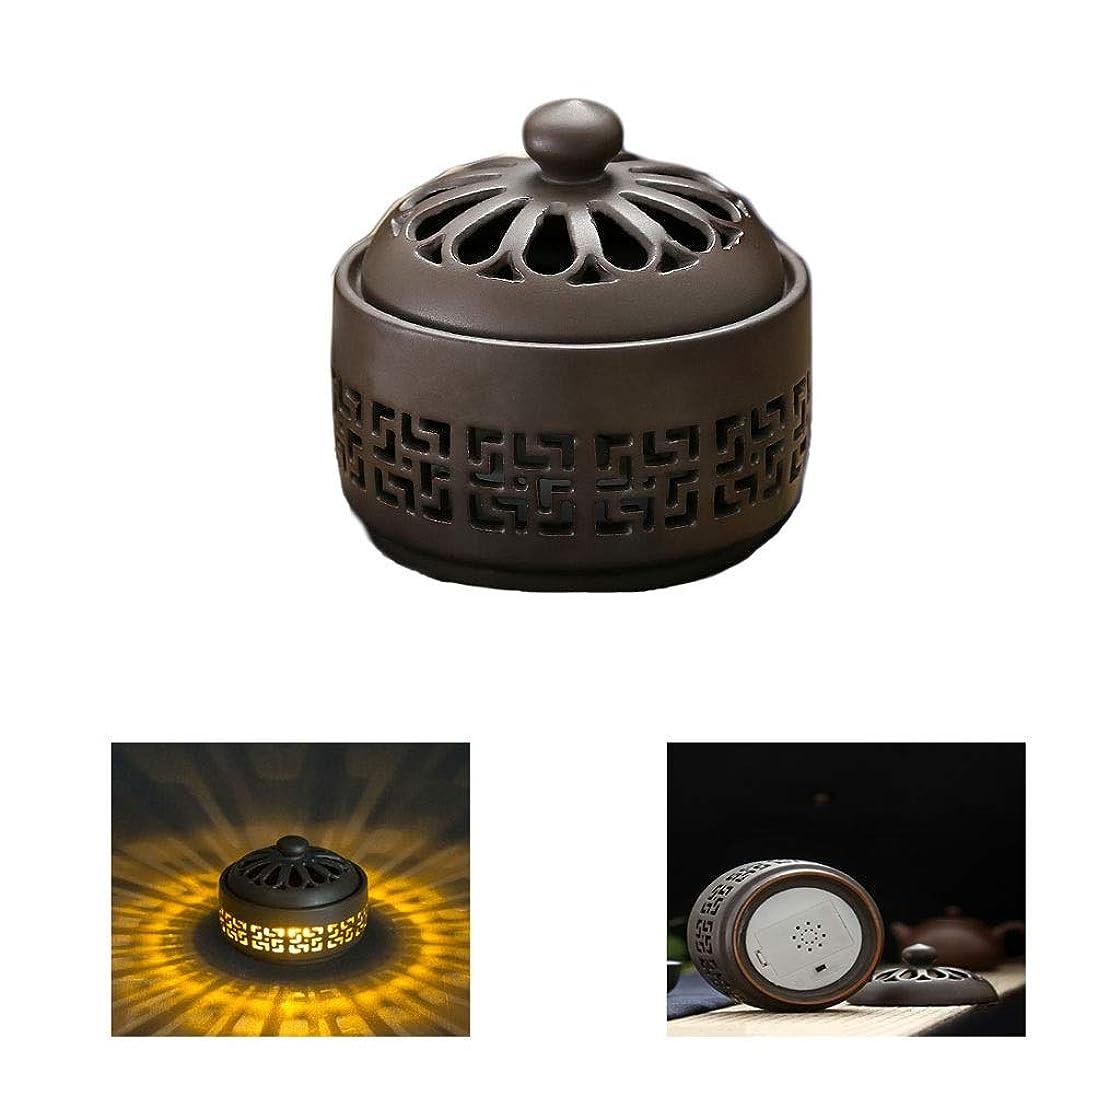 アイザック世界に死んだ組み込む芳香器?アロマバーナー LED暖かい光香バーナーレトロノスタルジックなセラミック香炉高温アロマセラピー炉 アロマバーナー (Color : Earth tones)